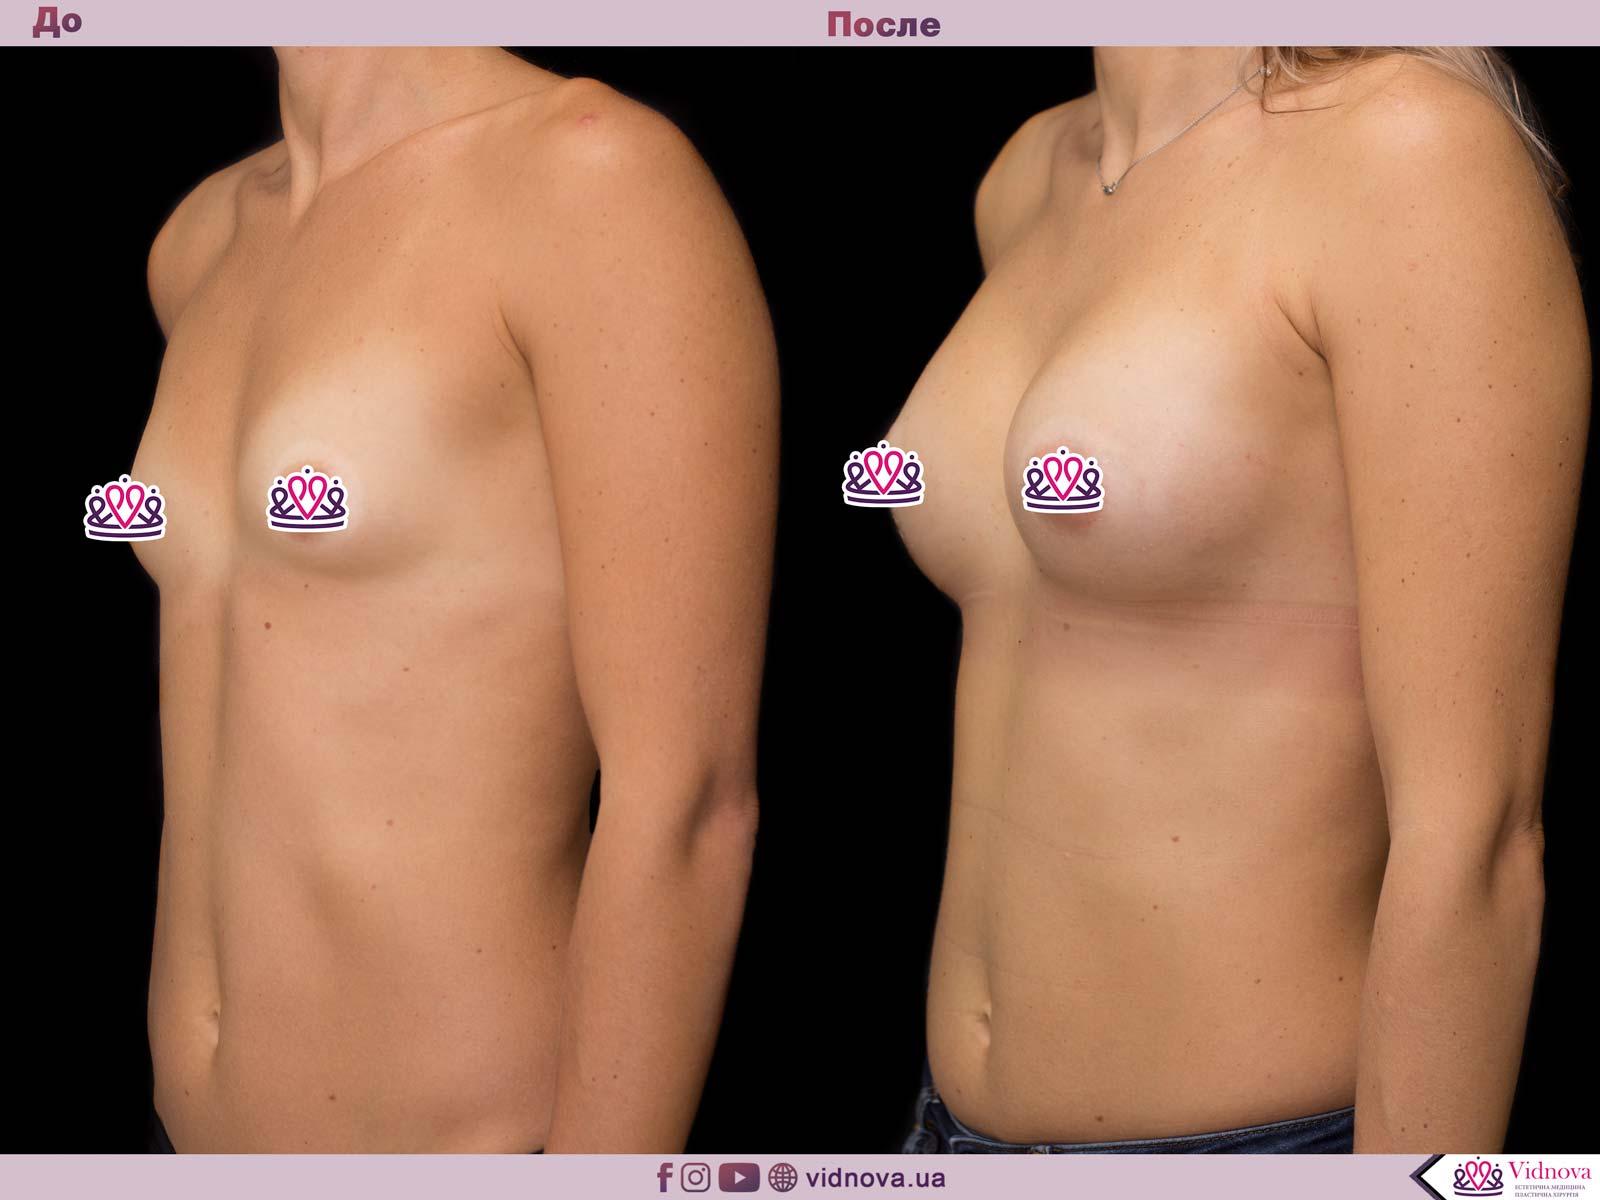 Пластика груди: результаты до и после - Пример №57-1 - Светлана Работенко